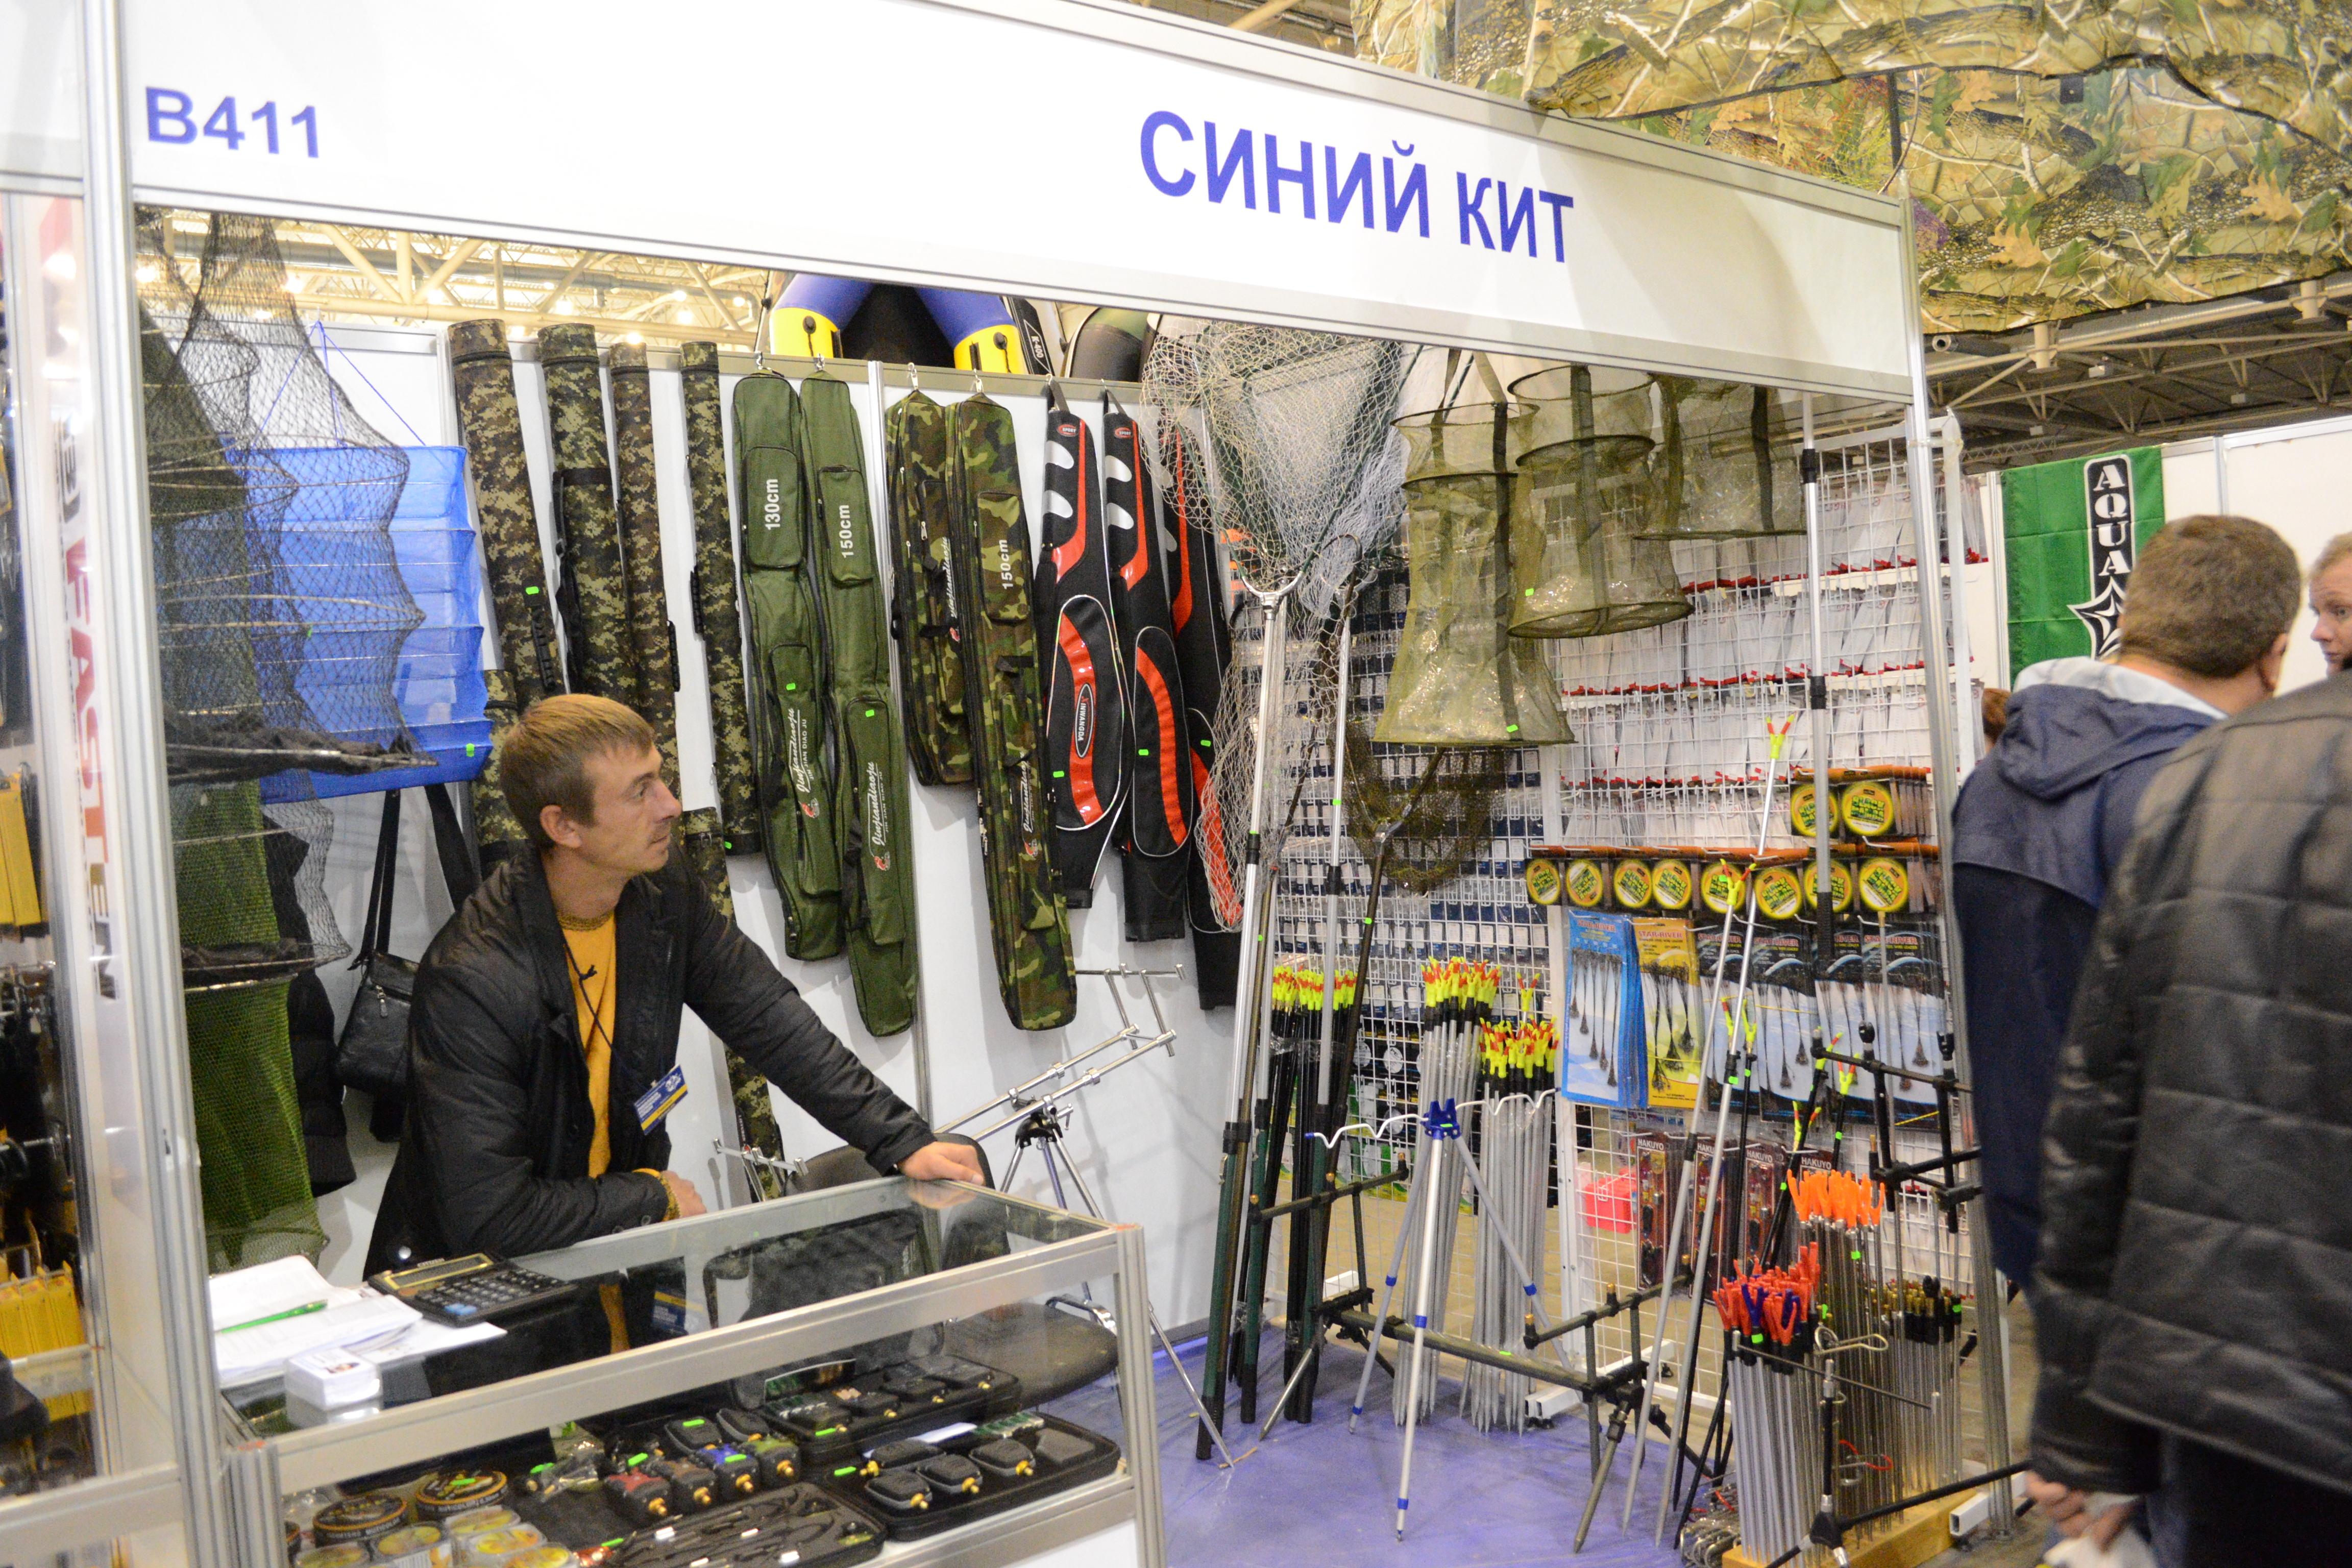 Садовод охота - Рыбалка, охота - Рынок Садовод Москва